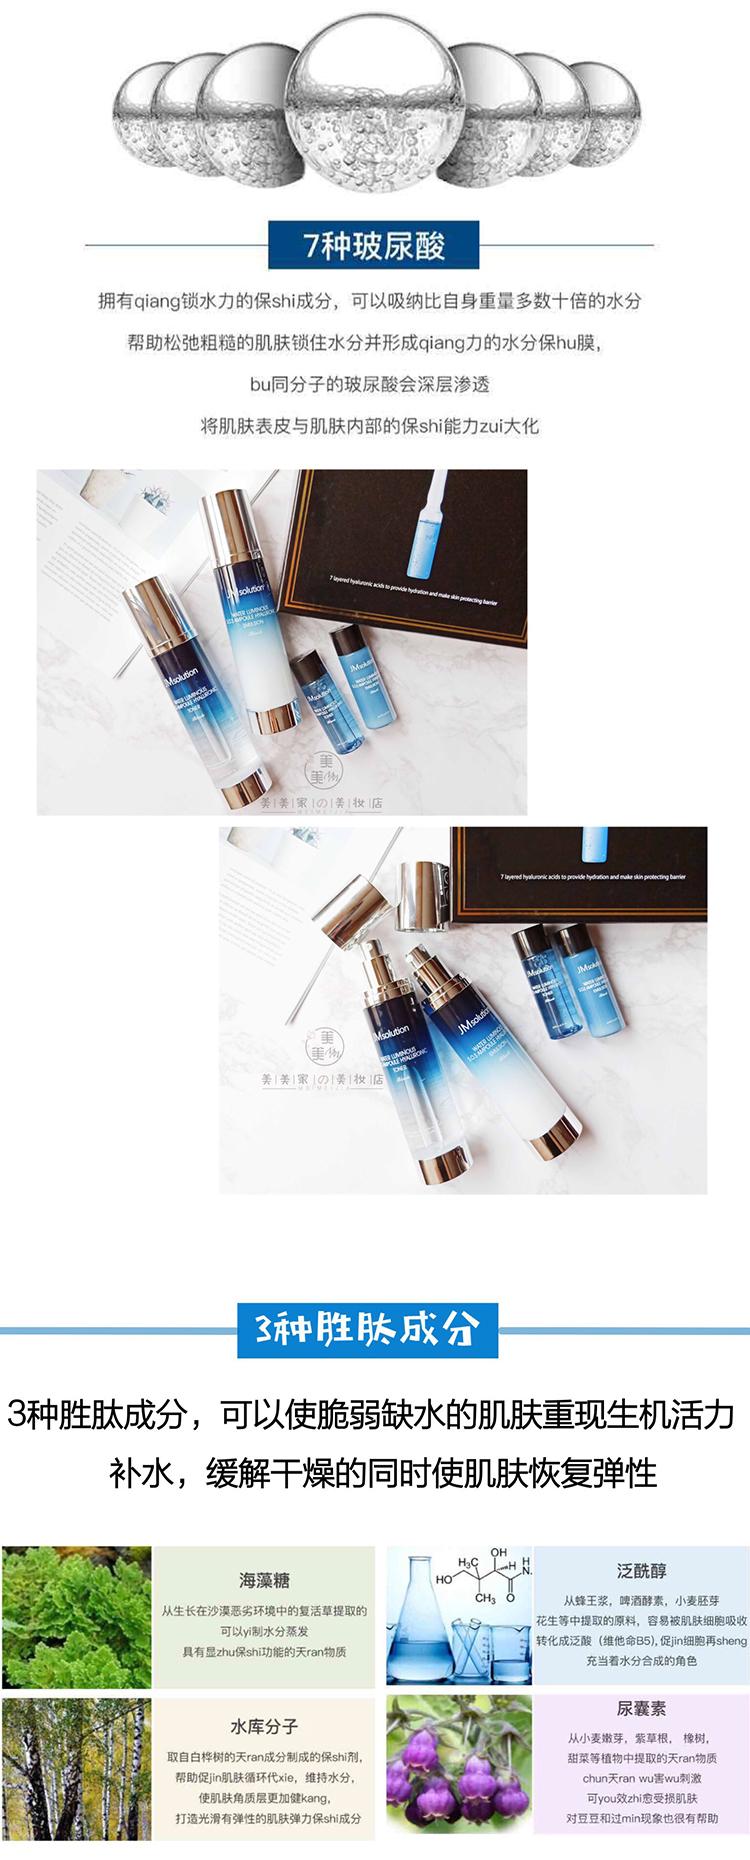 韩国玻尿酸安瓶水乳套装玻尿酸护肤品套盒保湿保湿详细照片